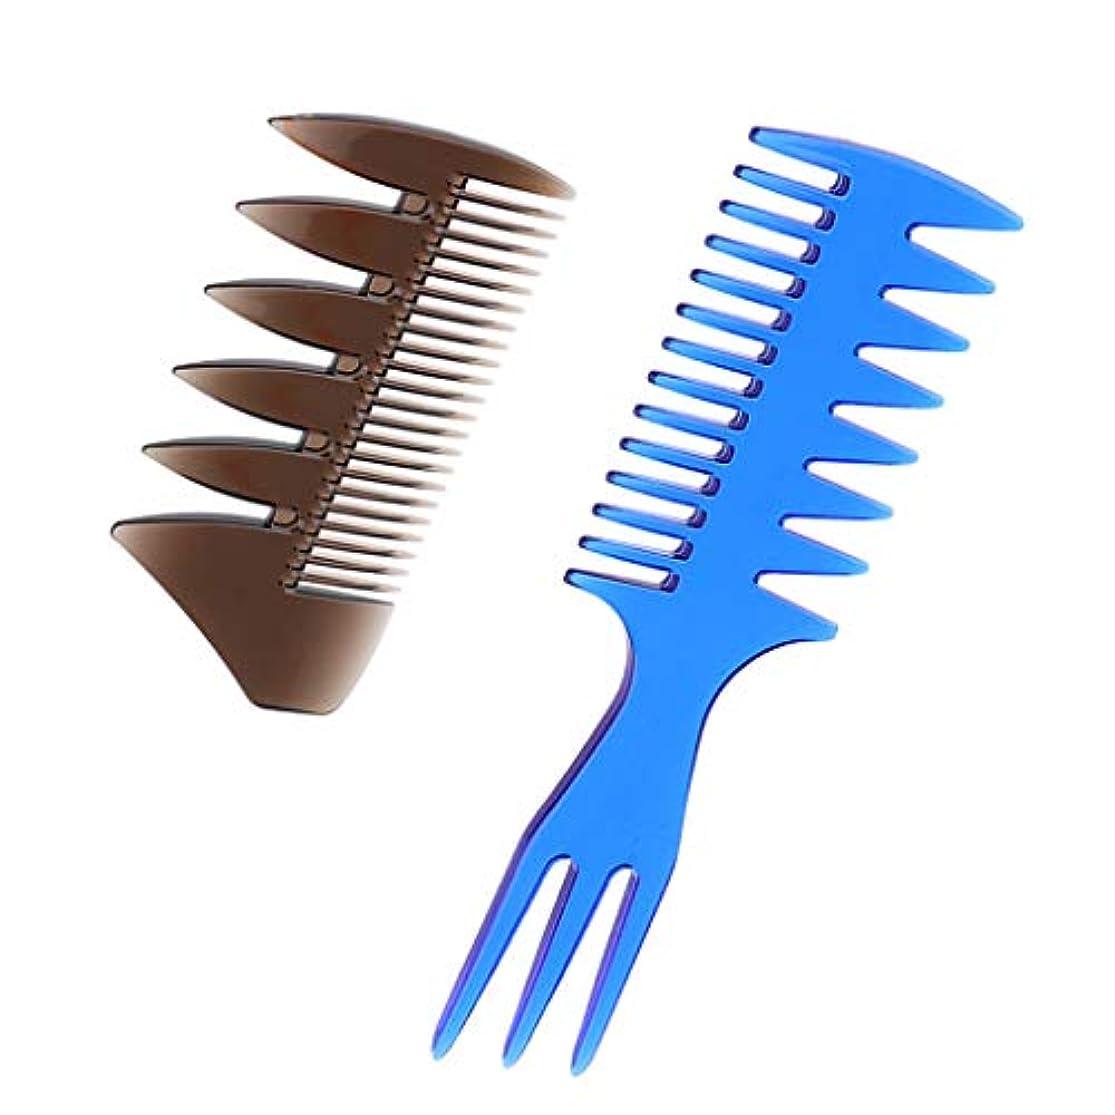 欠乏ティーンエイジャー気がついて2本 広い歯櫛 コーム 3-in-1櫛 2-in-1櫛 多目的 ヘアサロン 美容師